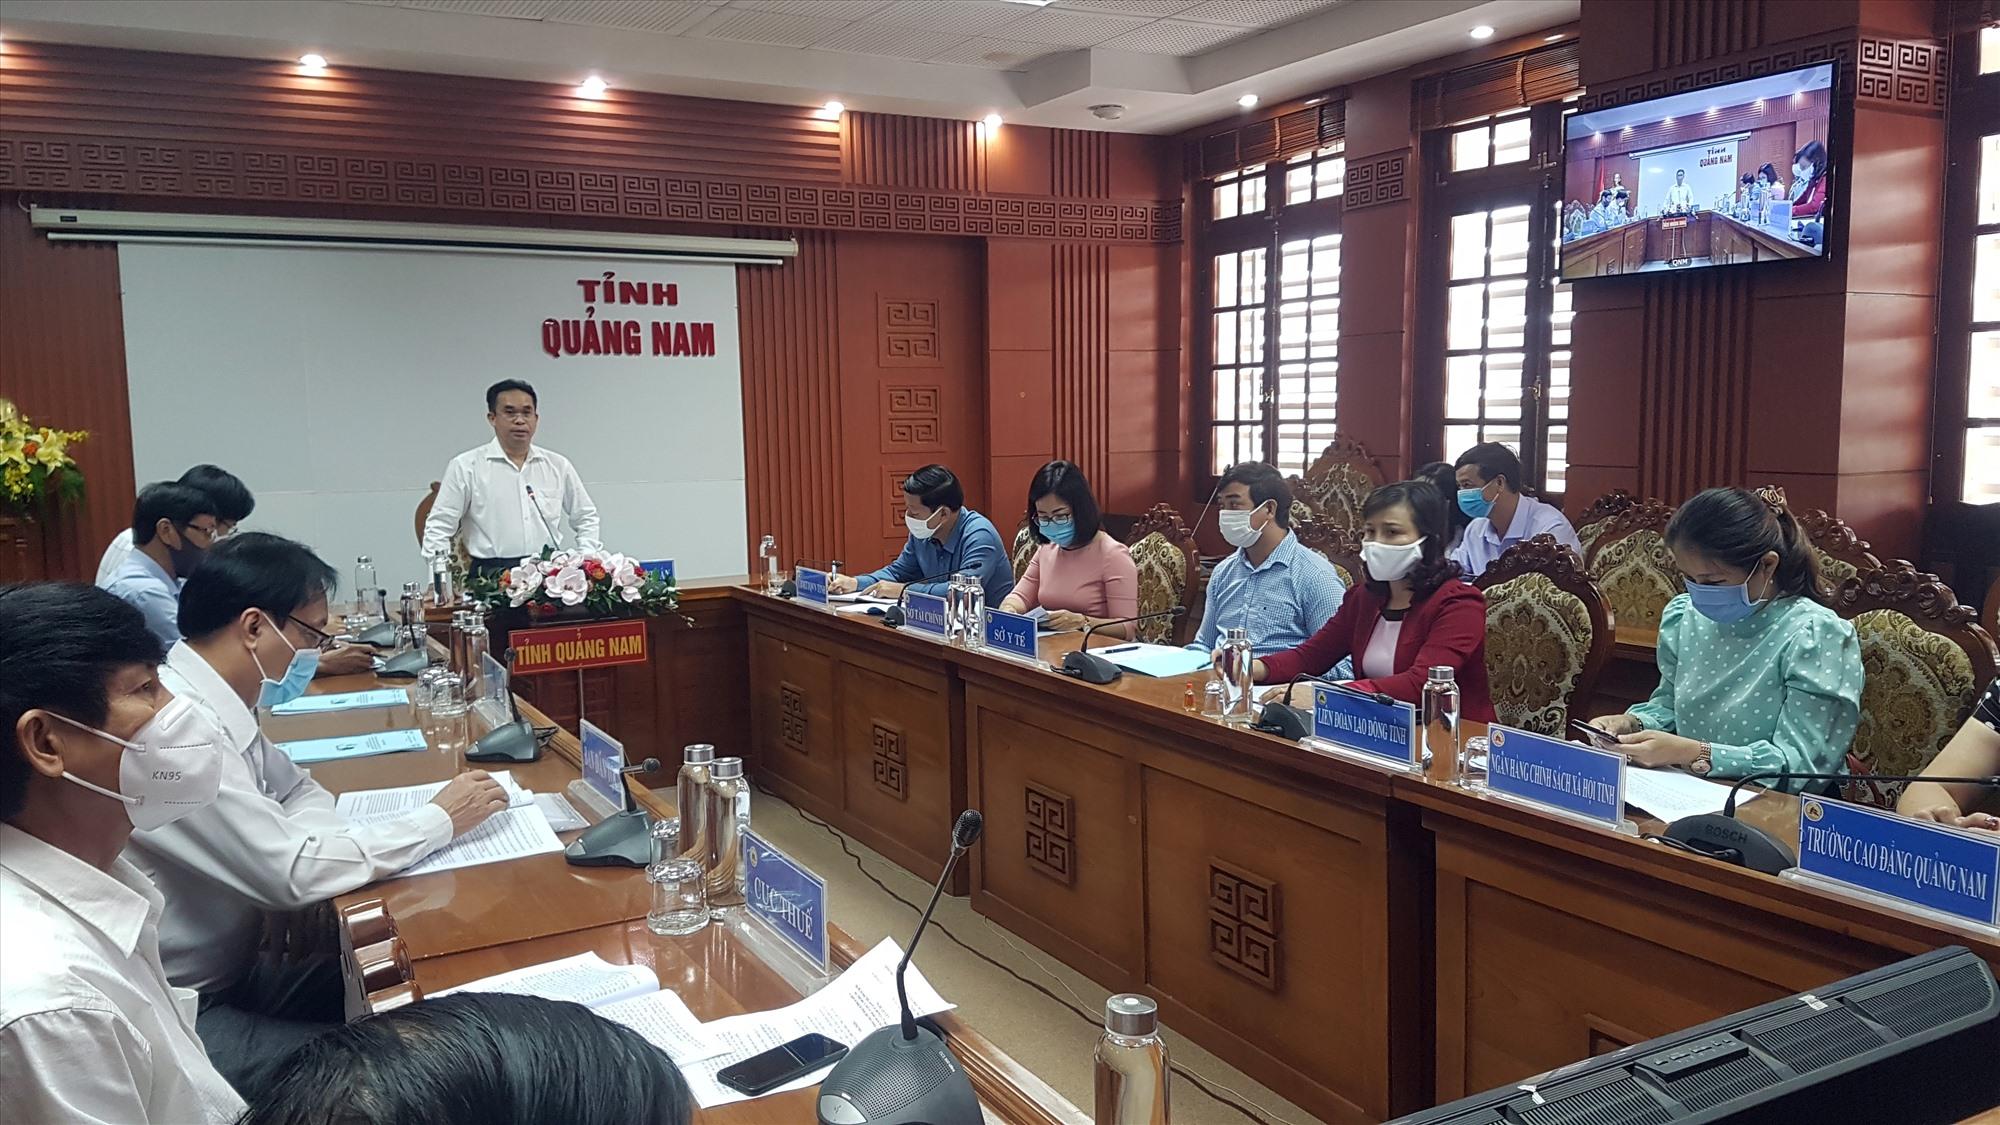 Phó Chủ tịch UBND tỉnh Trần Anh Tuấn yêu cầu các địa phương thực hiện kịp thời chính sách hỗ trợ người lao động trở về từ các tỉnh, thành phố phía Nam. Ảnh: D.L